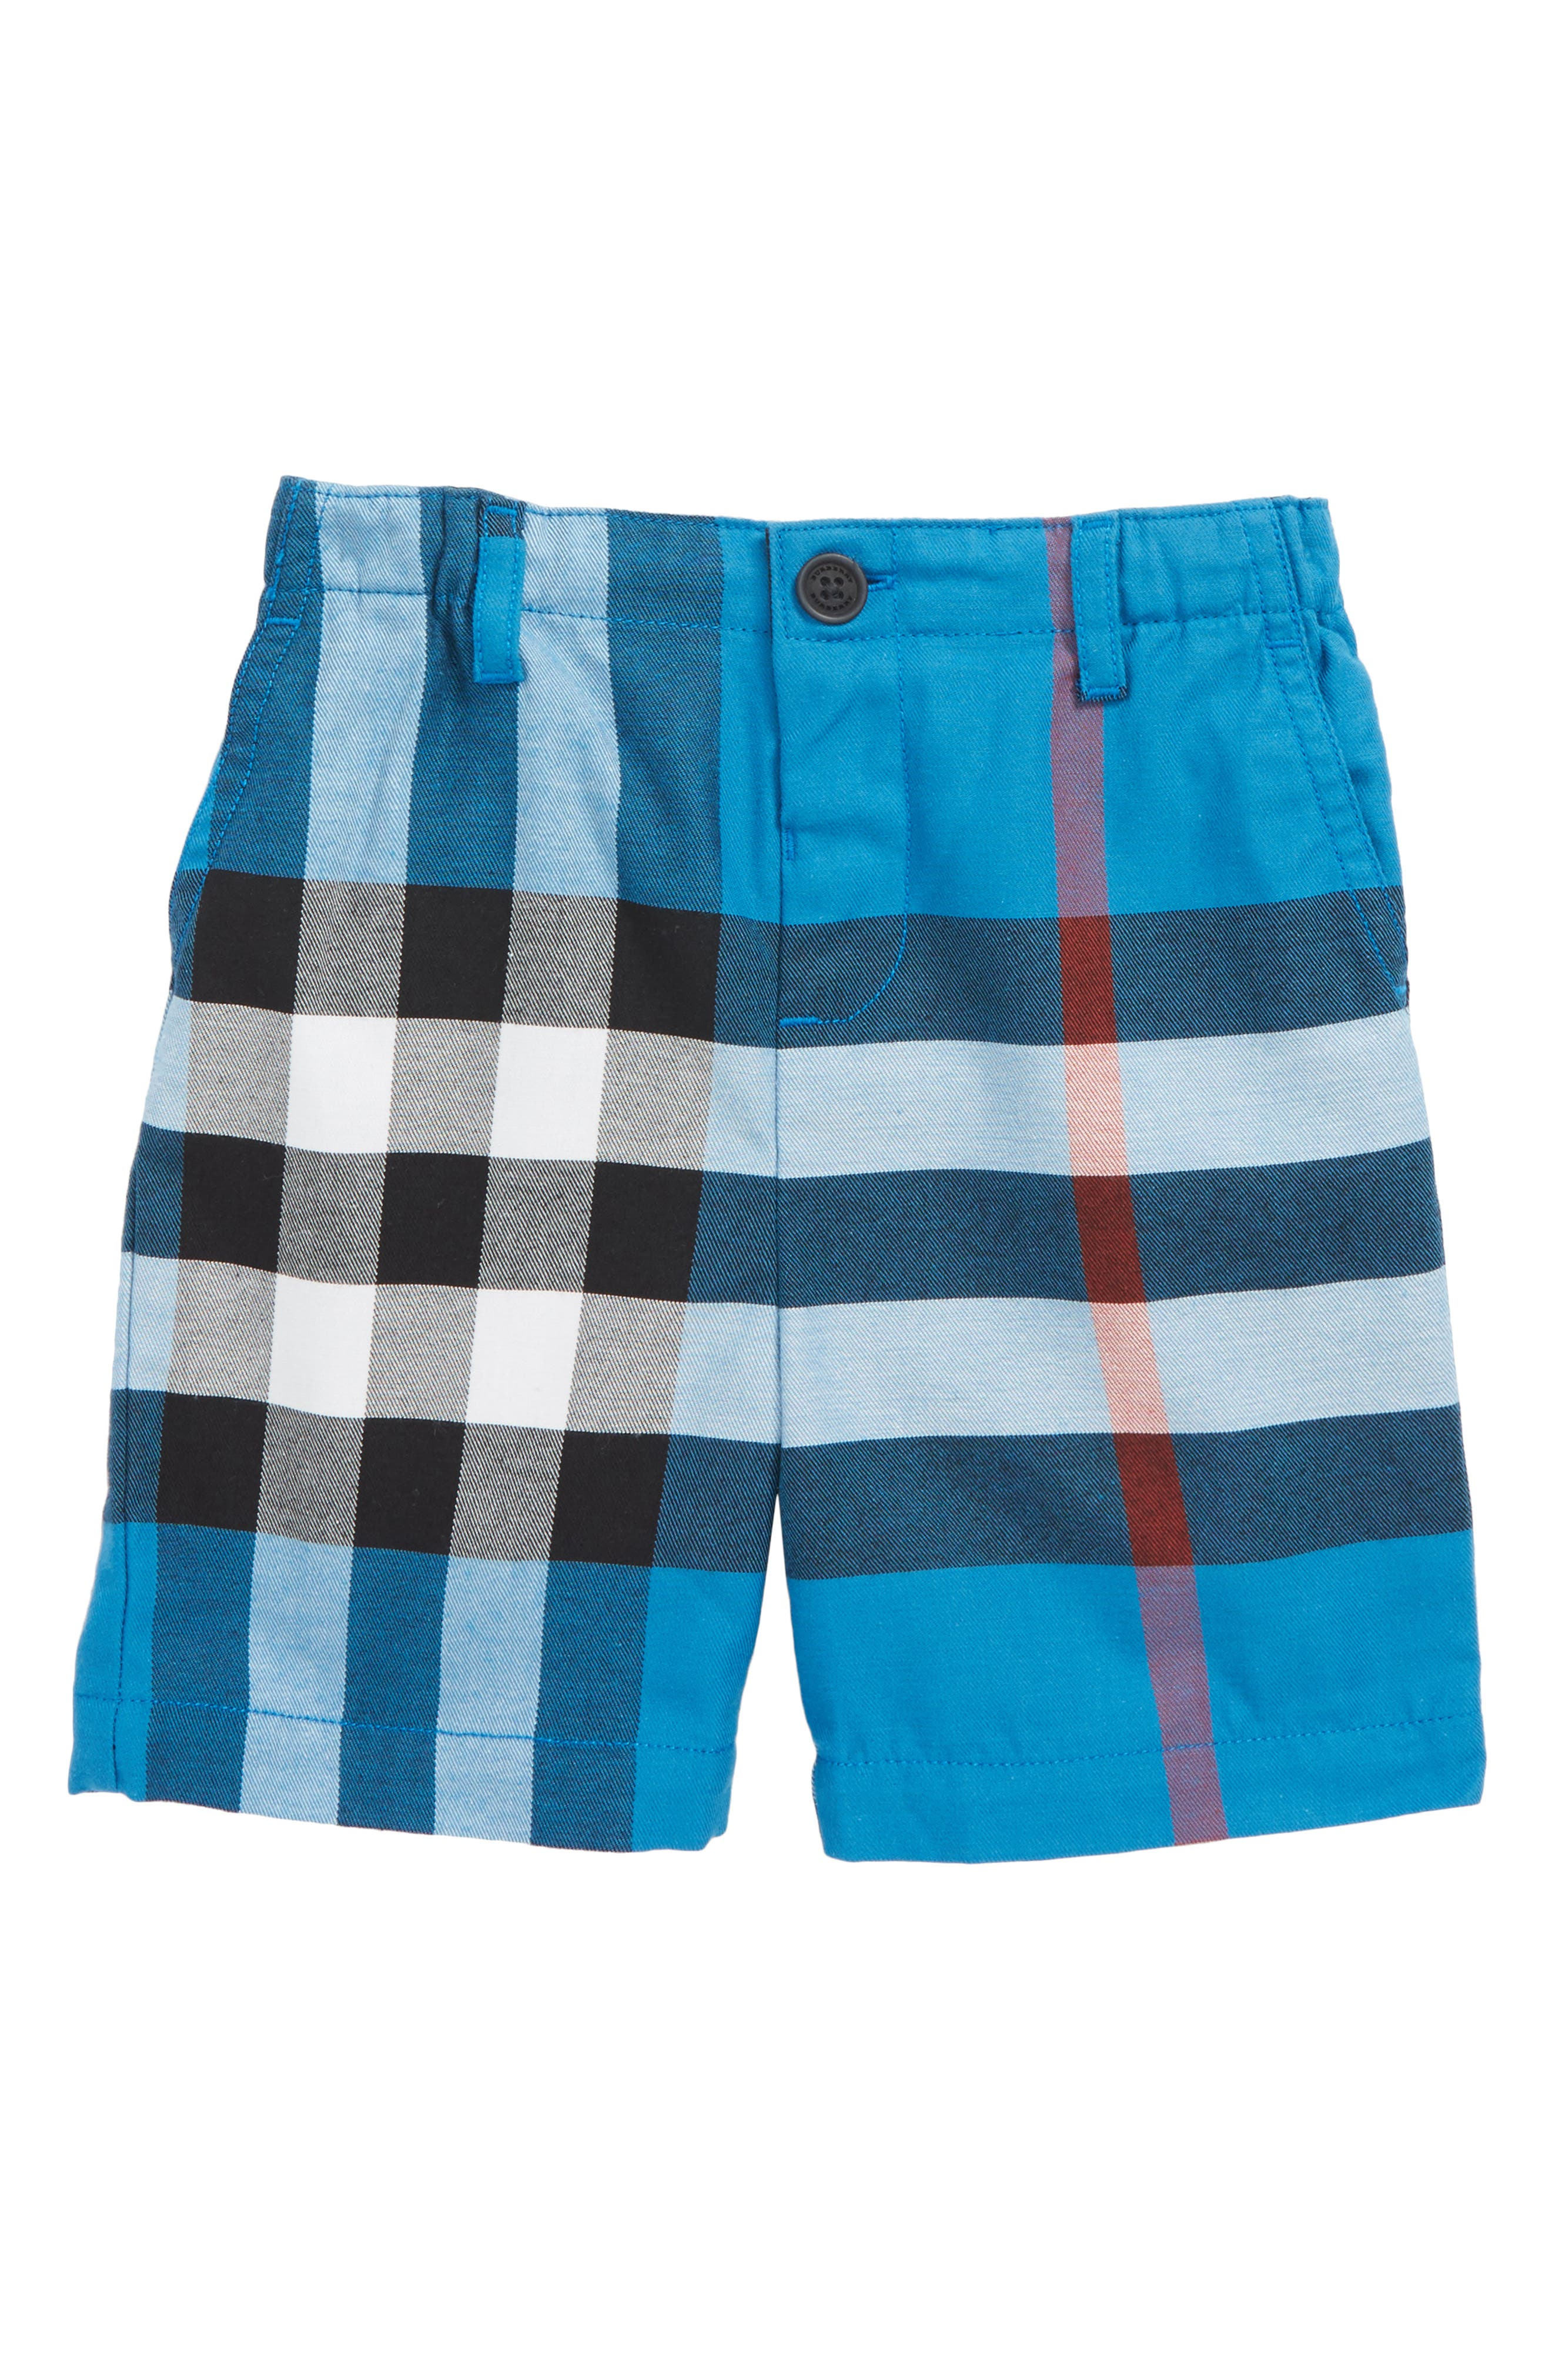 Sean Check Print Shorts,                             Main thumbnail 1, color,                             420